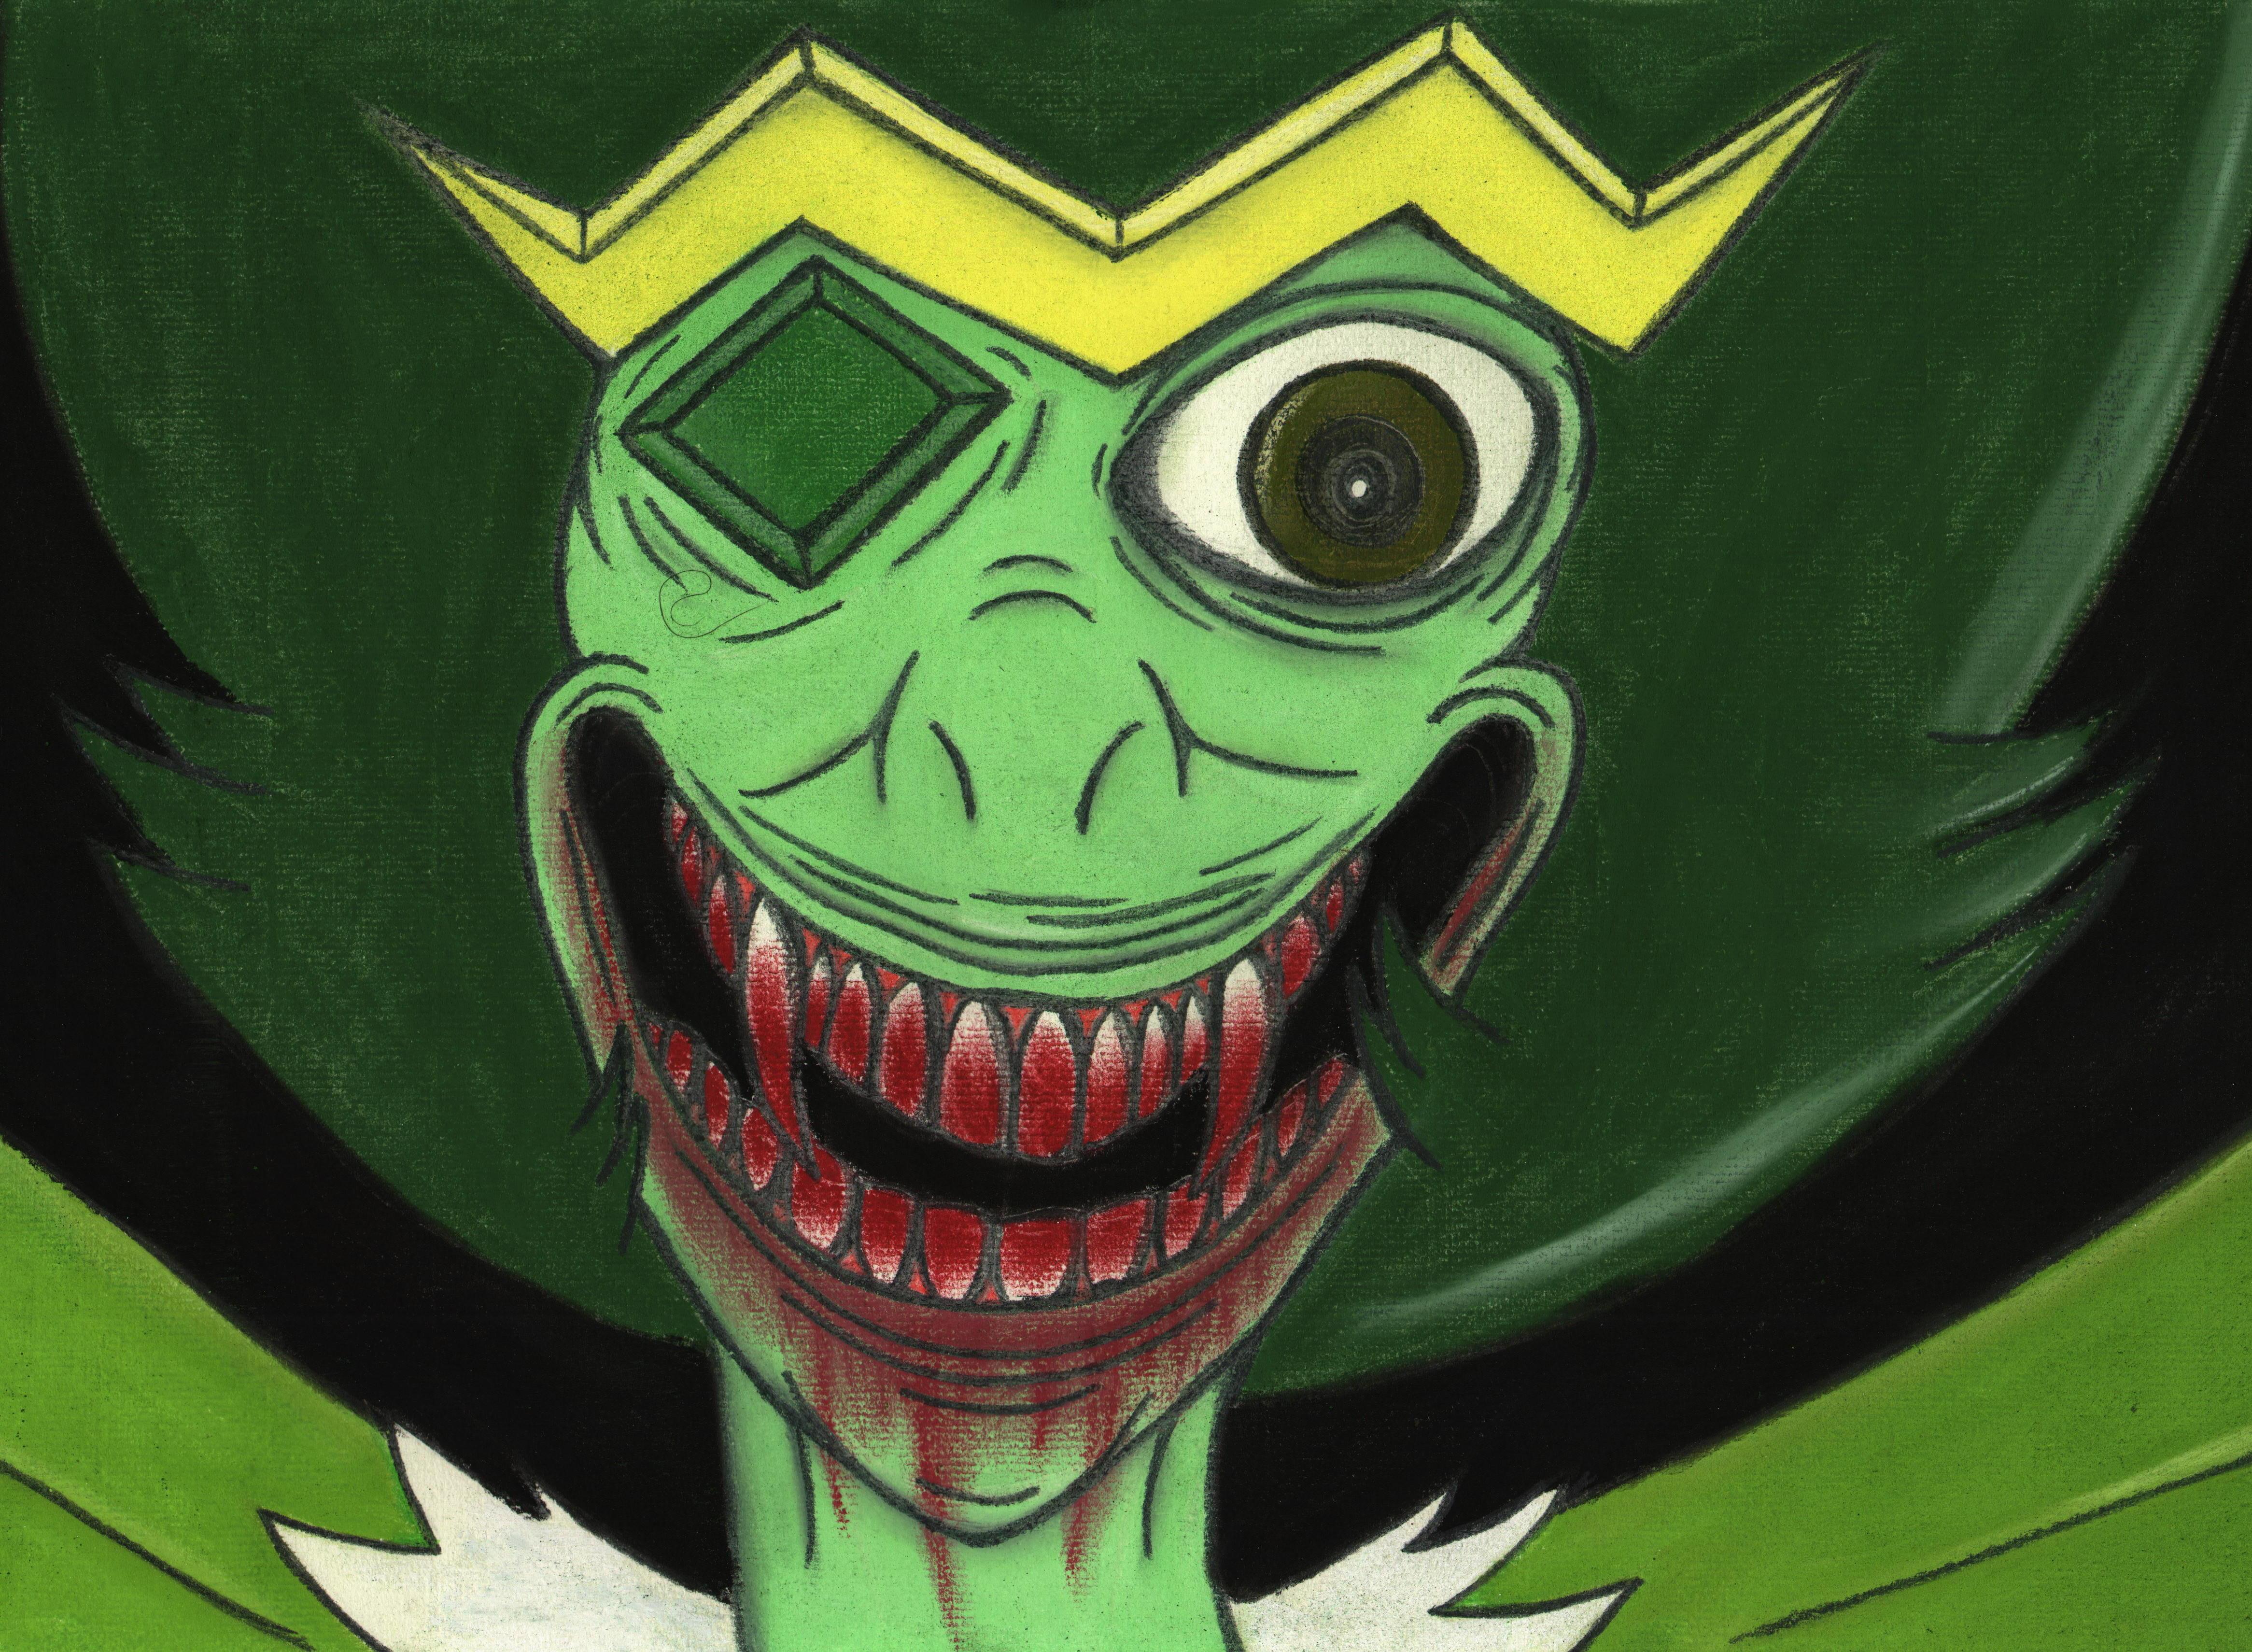 Emerald Steven Universe Know Your Meme